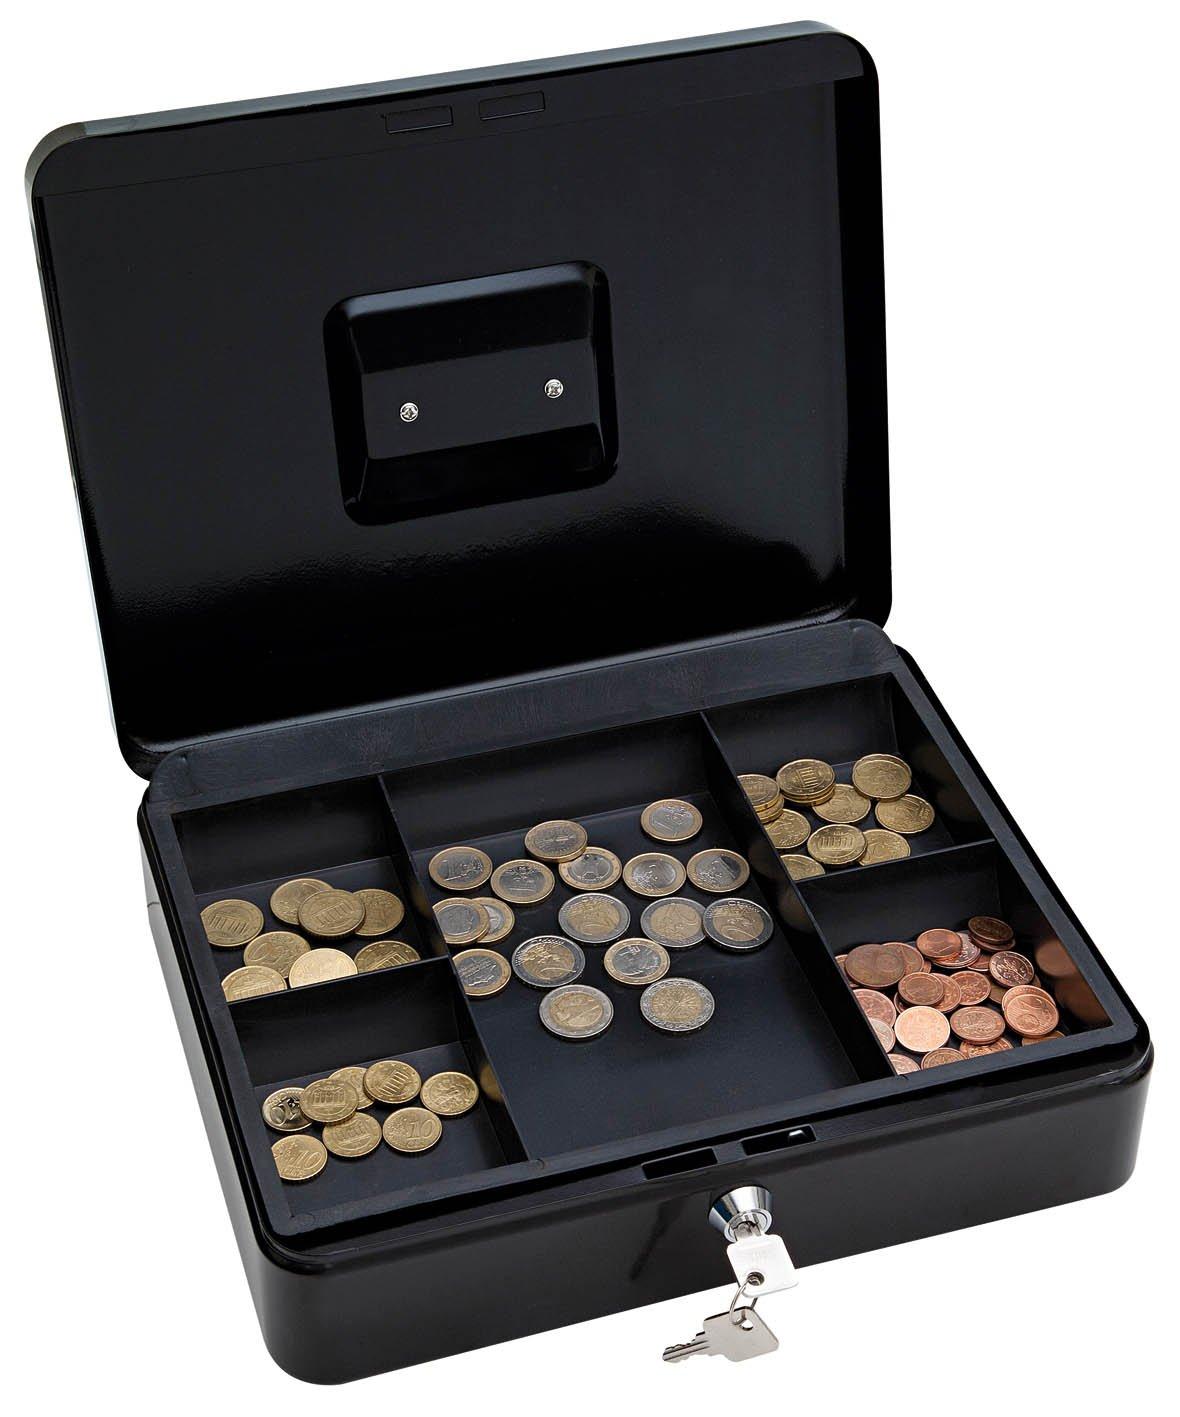 Wedo 145421X - Caja para dinero (30 x 24 x 9 cm, 5 compartimentos), color negro: Amazon.es: Oficina y papelería